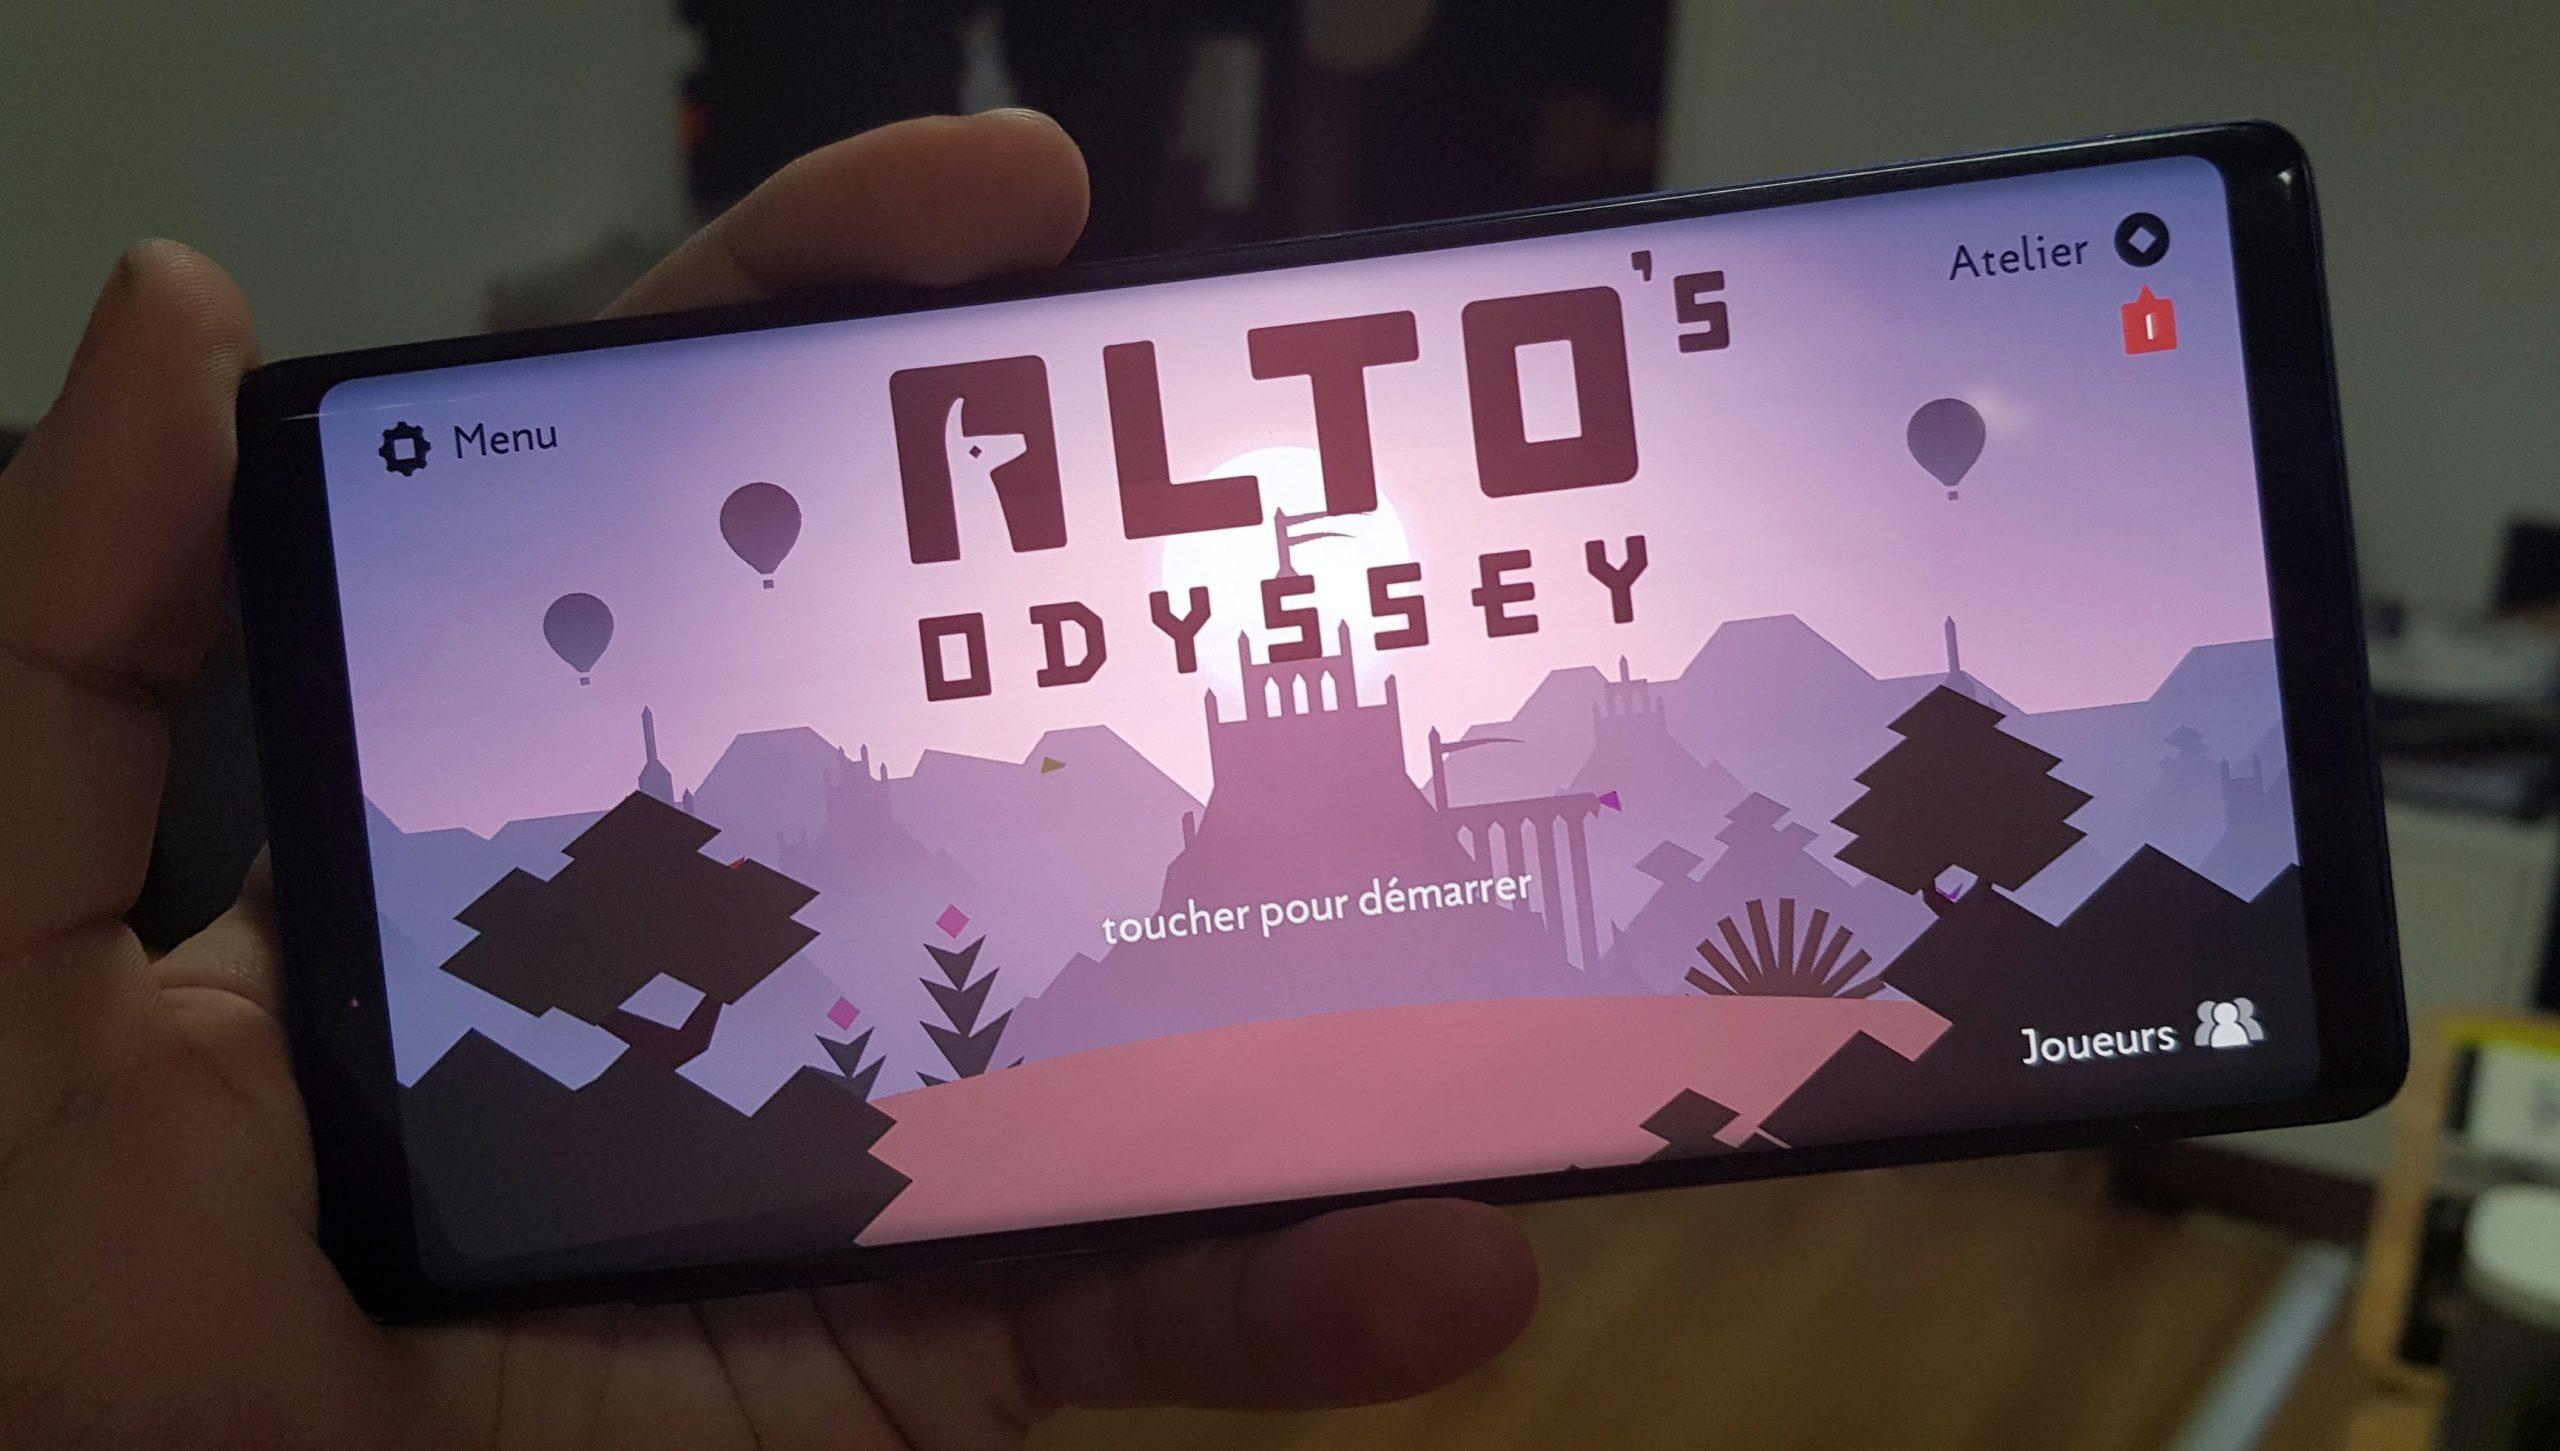 Les Meilleurs Jeux Sans Connexion Sur Android Et Ios En 2020 concernant Jeux 5 Ans Gratuit